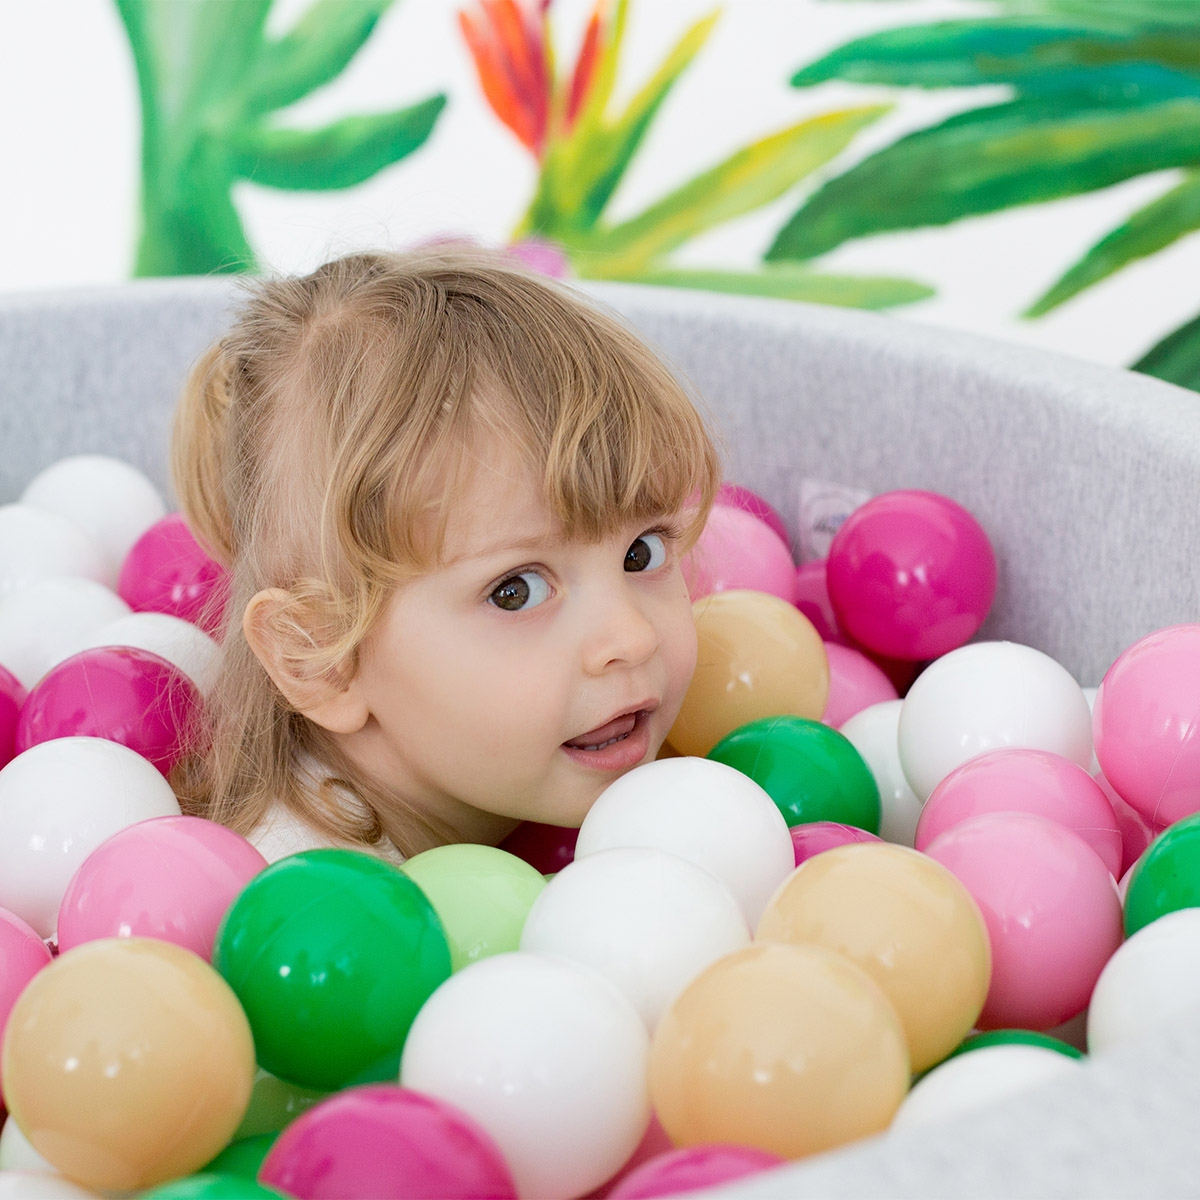 Piscine À Balles Géante - Les Petits Raffineurs serapportantà Piscine A Balle Geante